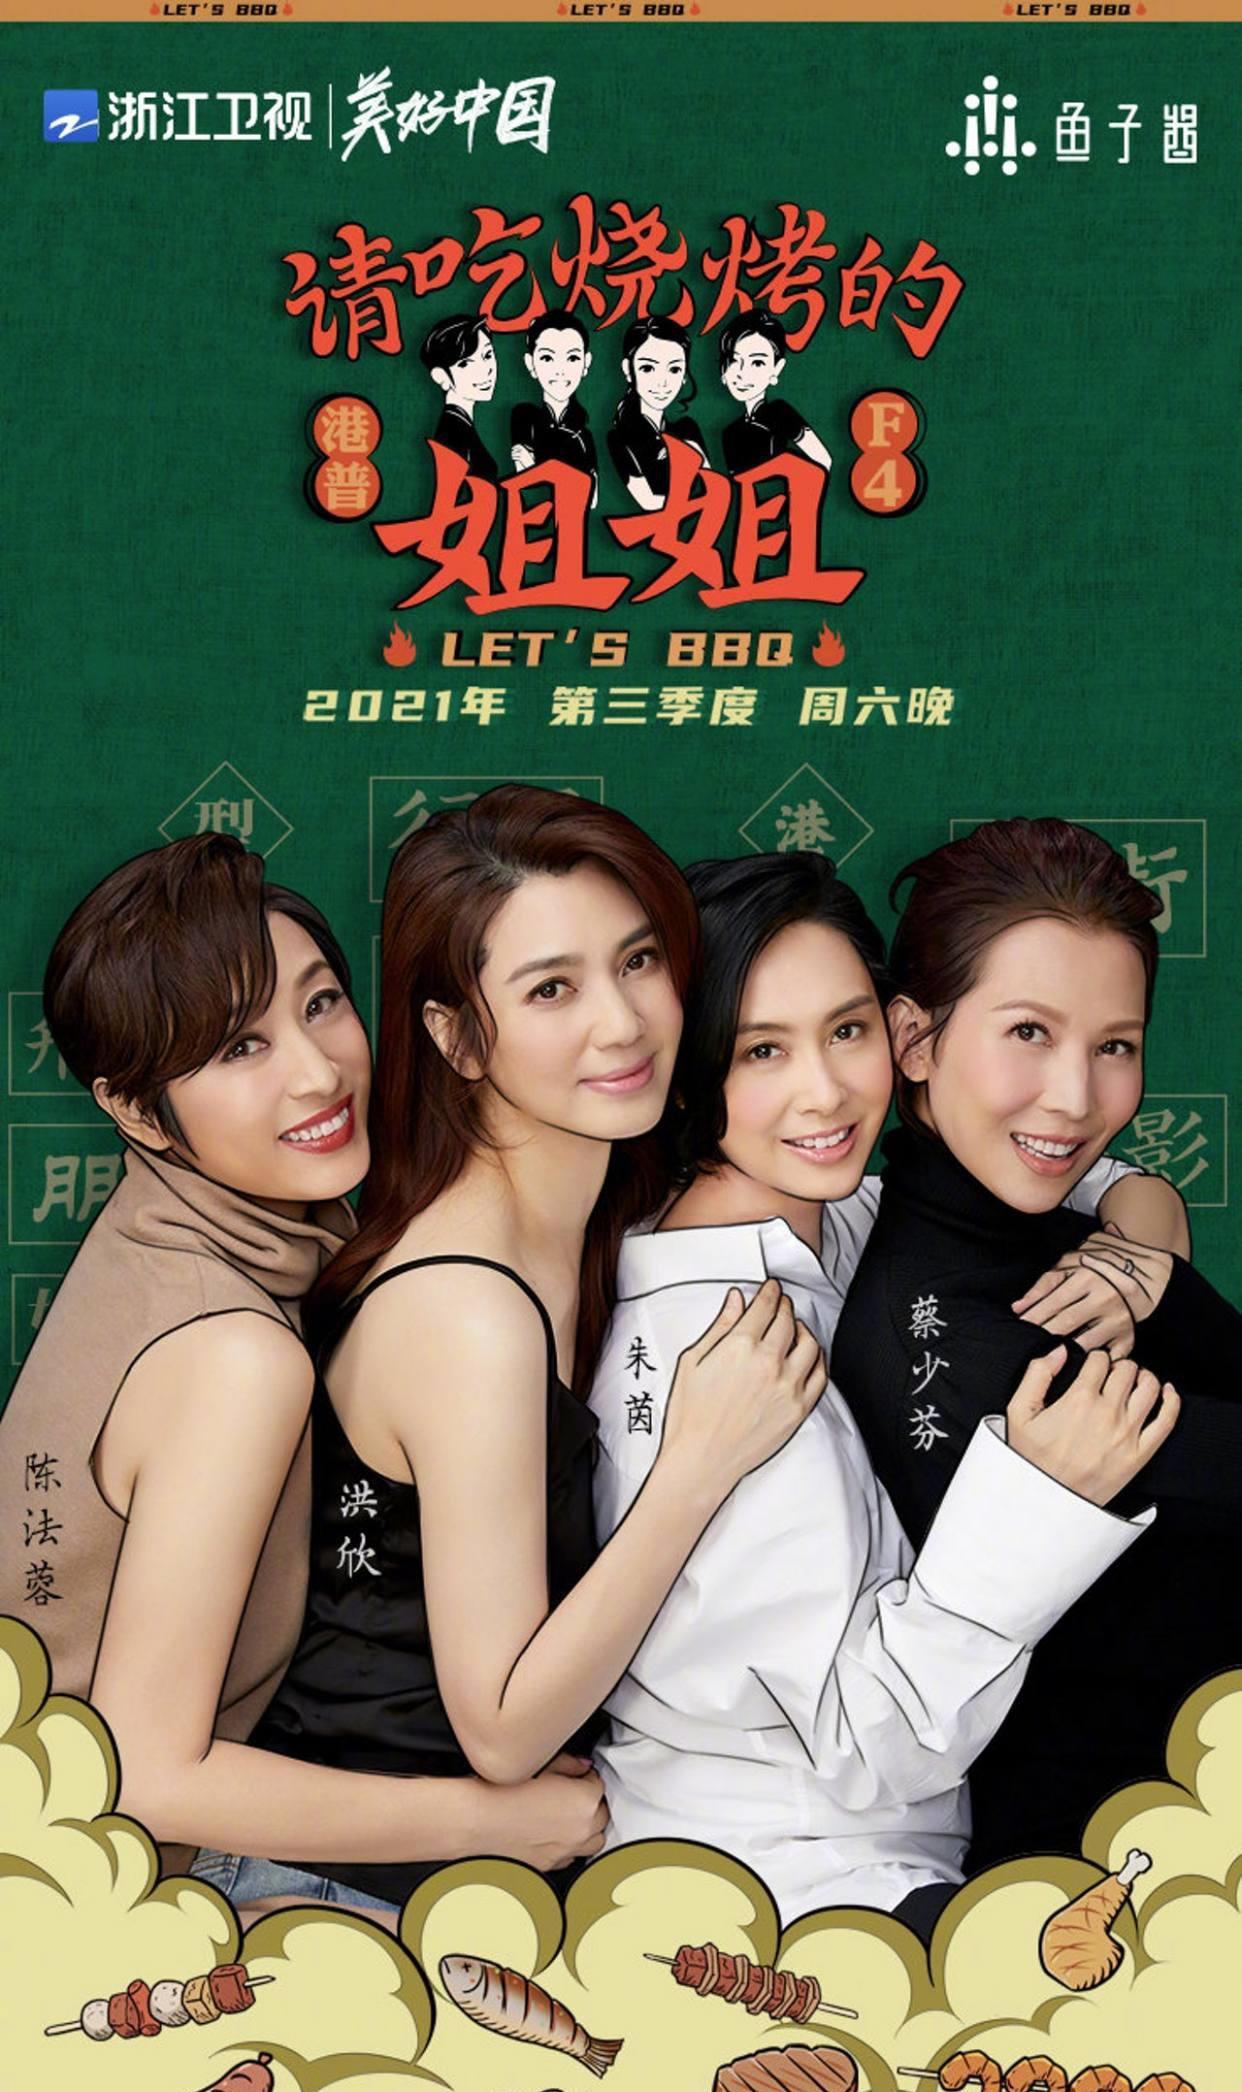 蔡少芬、朱茵、陈法蓉、洪欣合体拍摄综艺《请吃烧烤的姐姐》